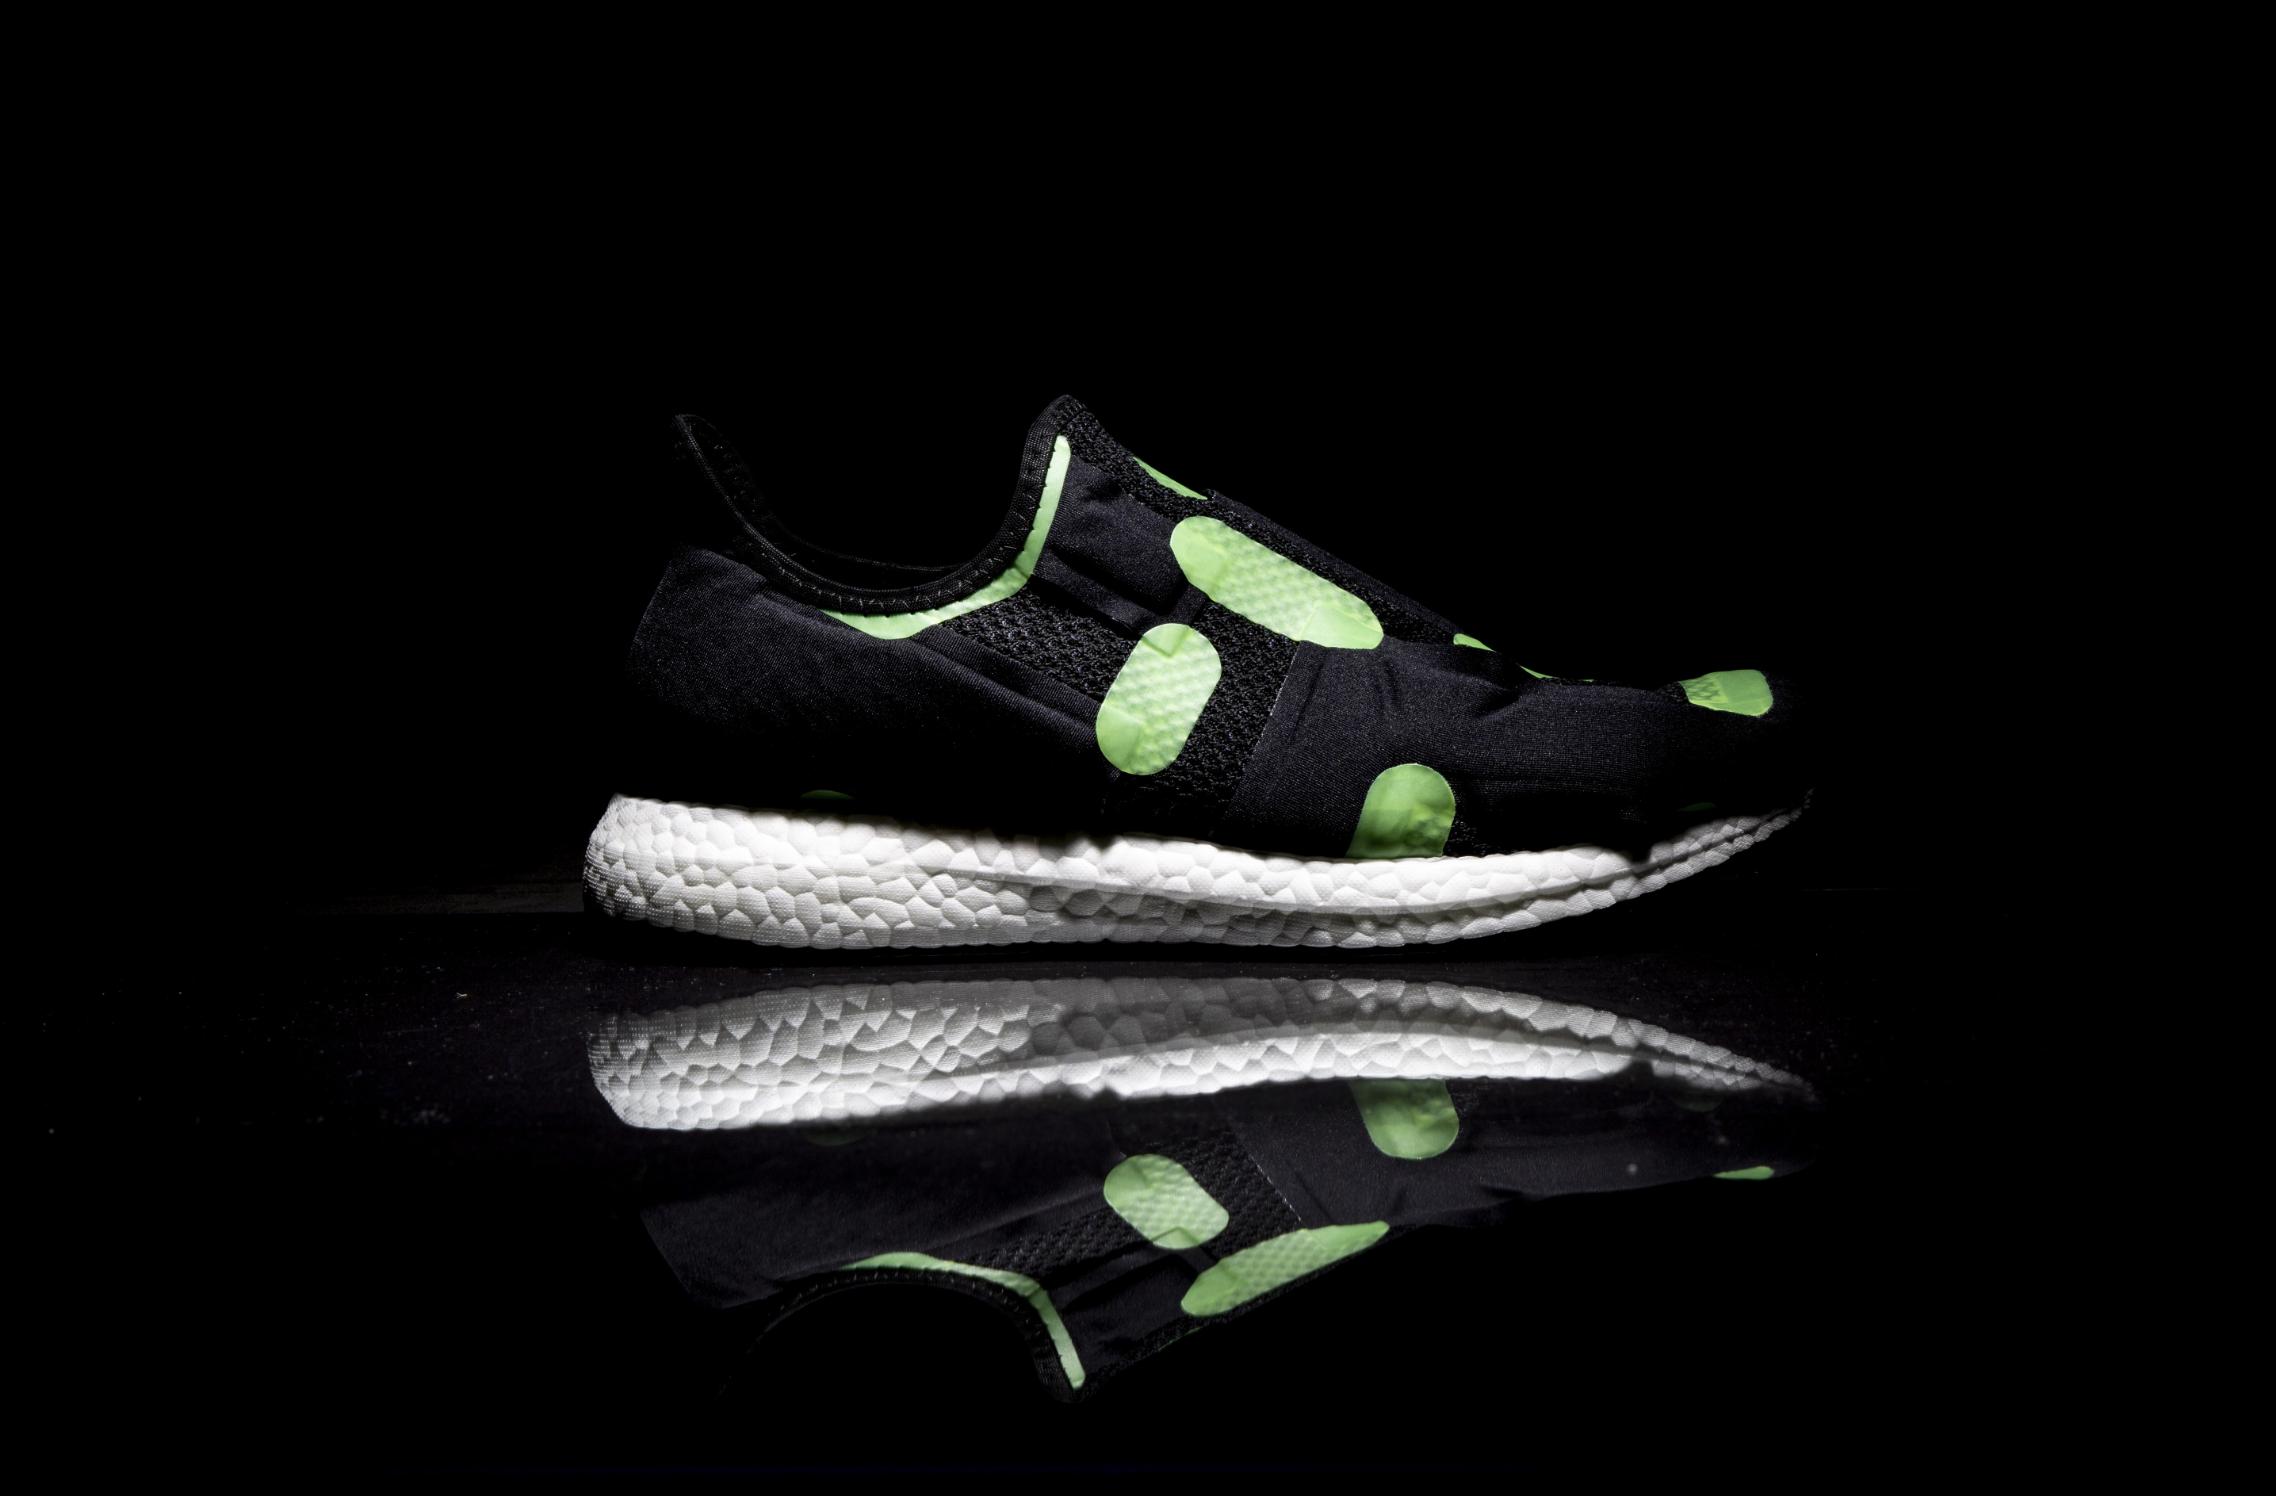 Adidas speedfactory salamander concept footwear design andrea brena